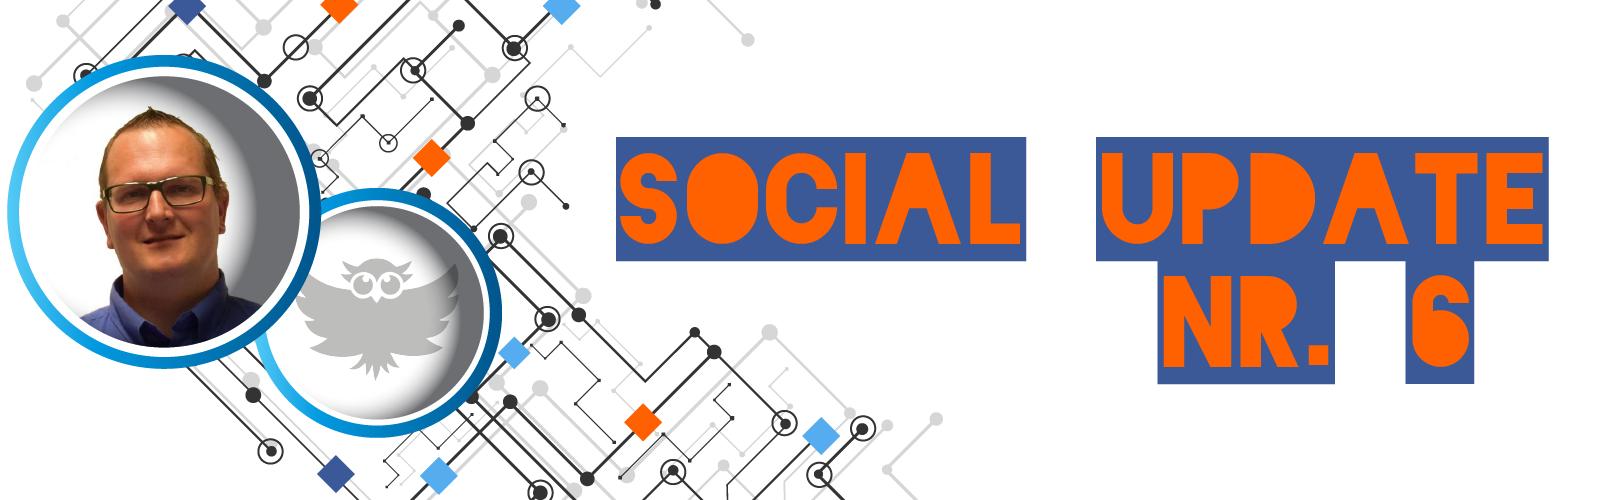 Social Update NR. 6